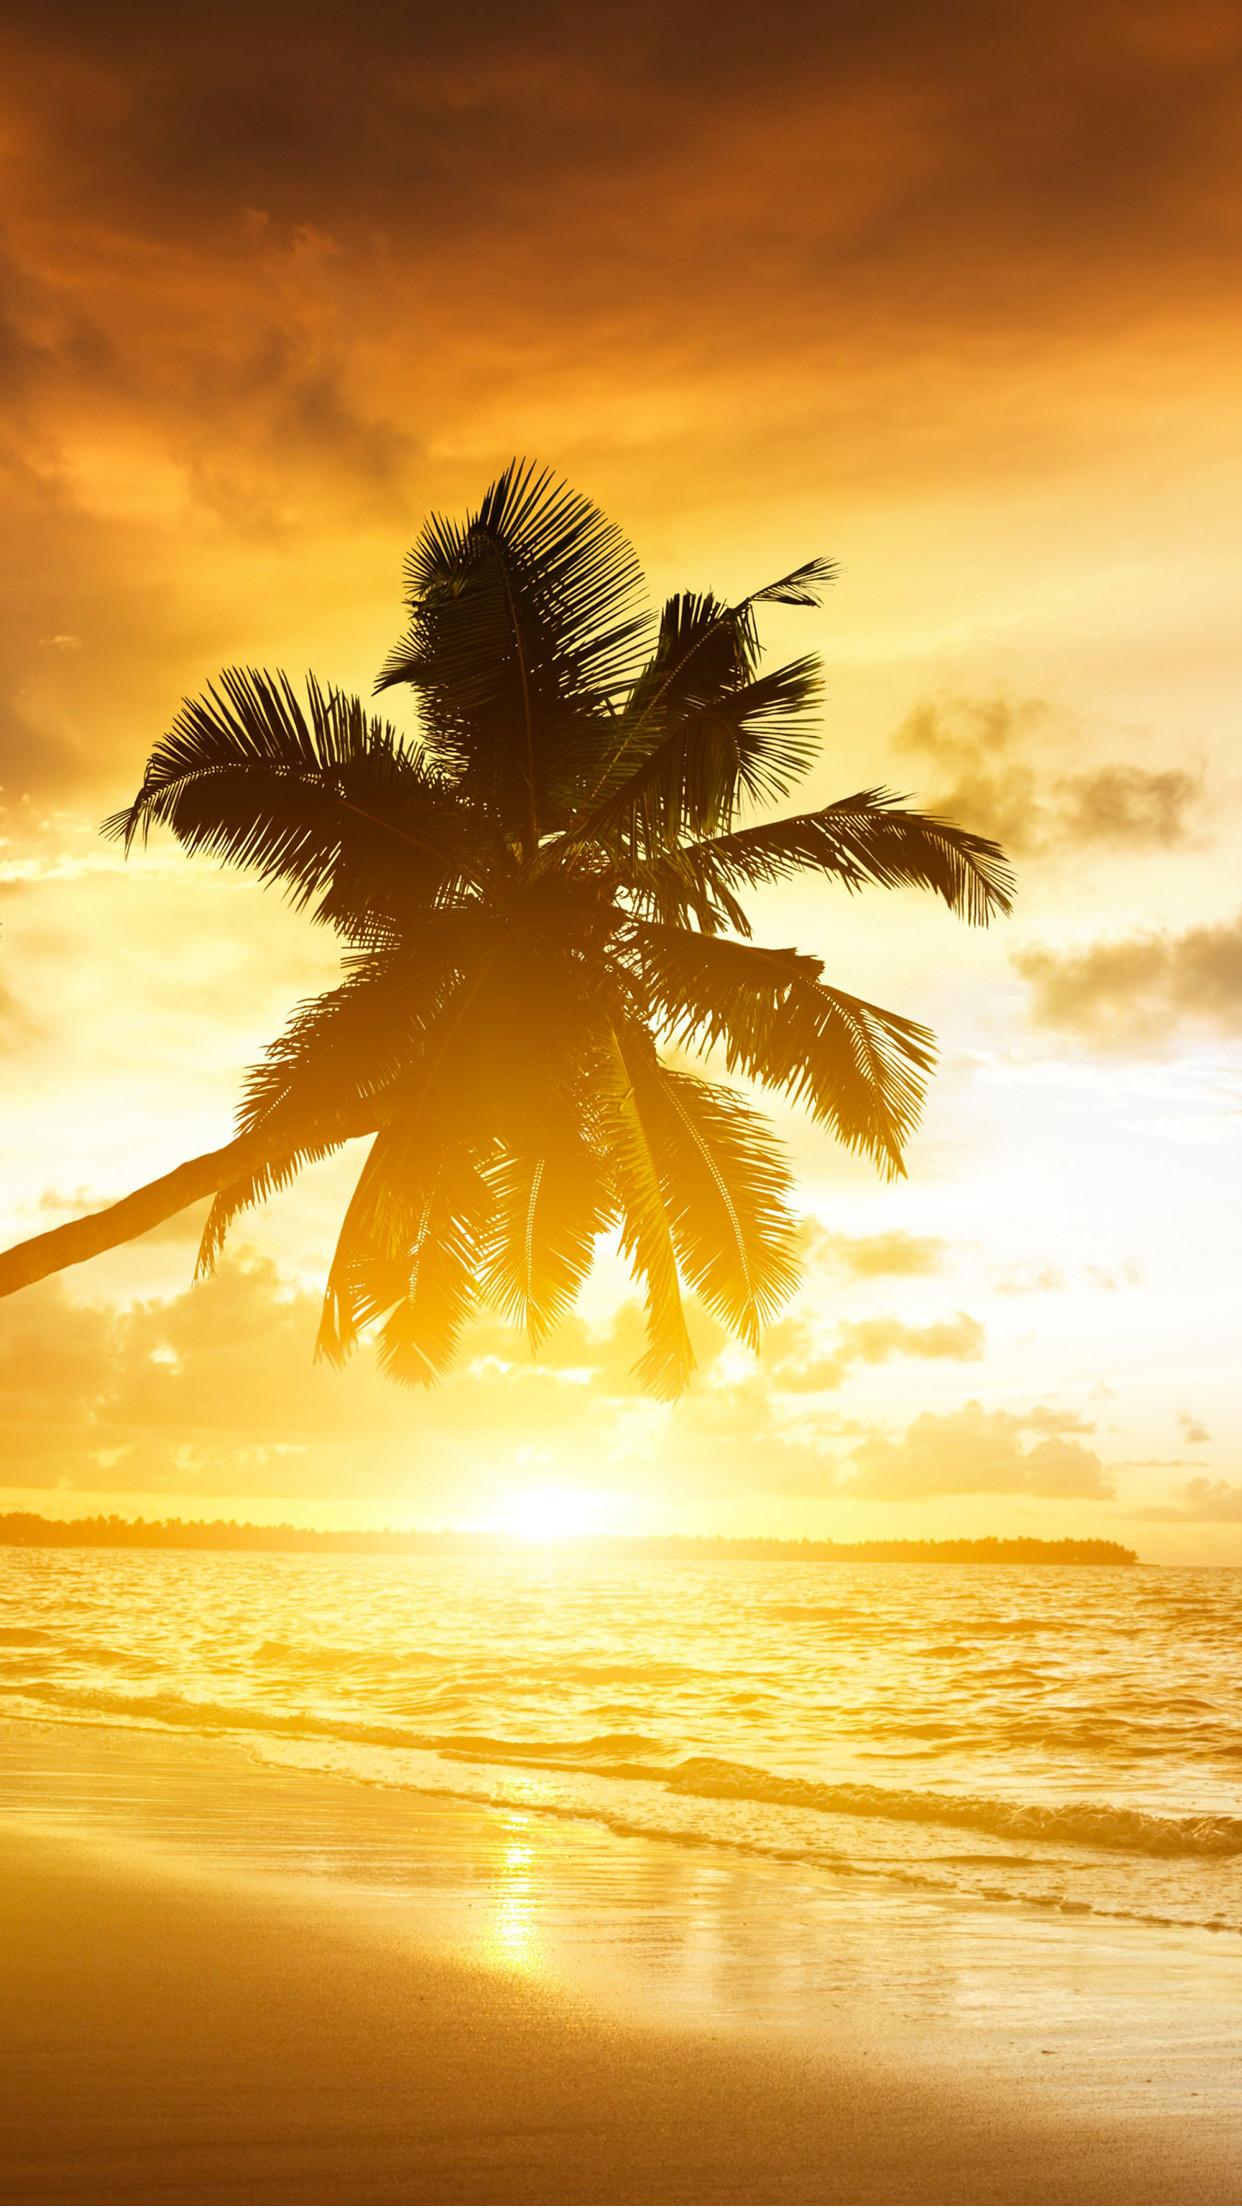 Summer-Sunset-iPhone-3Wallpapers-Parallax